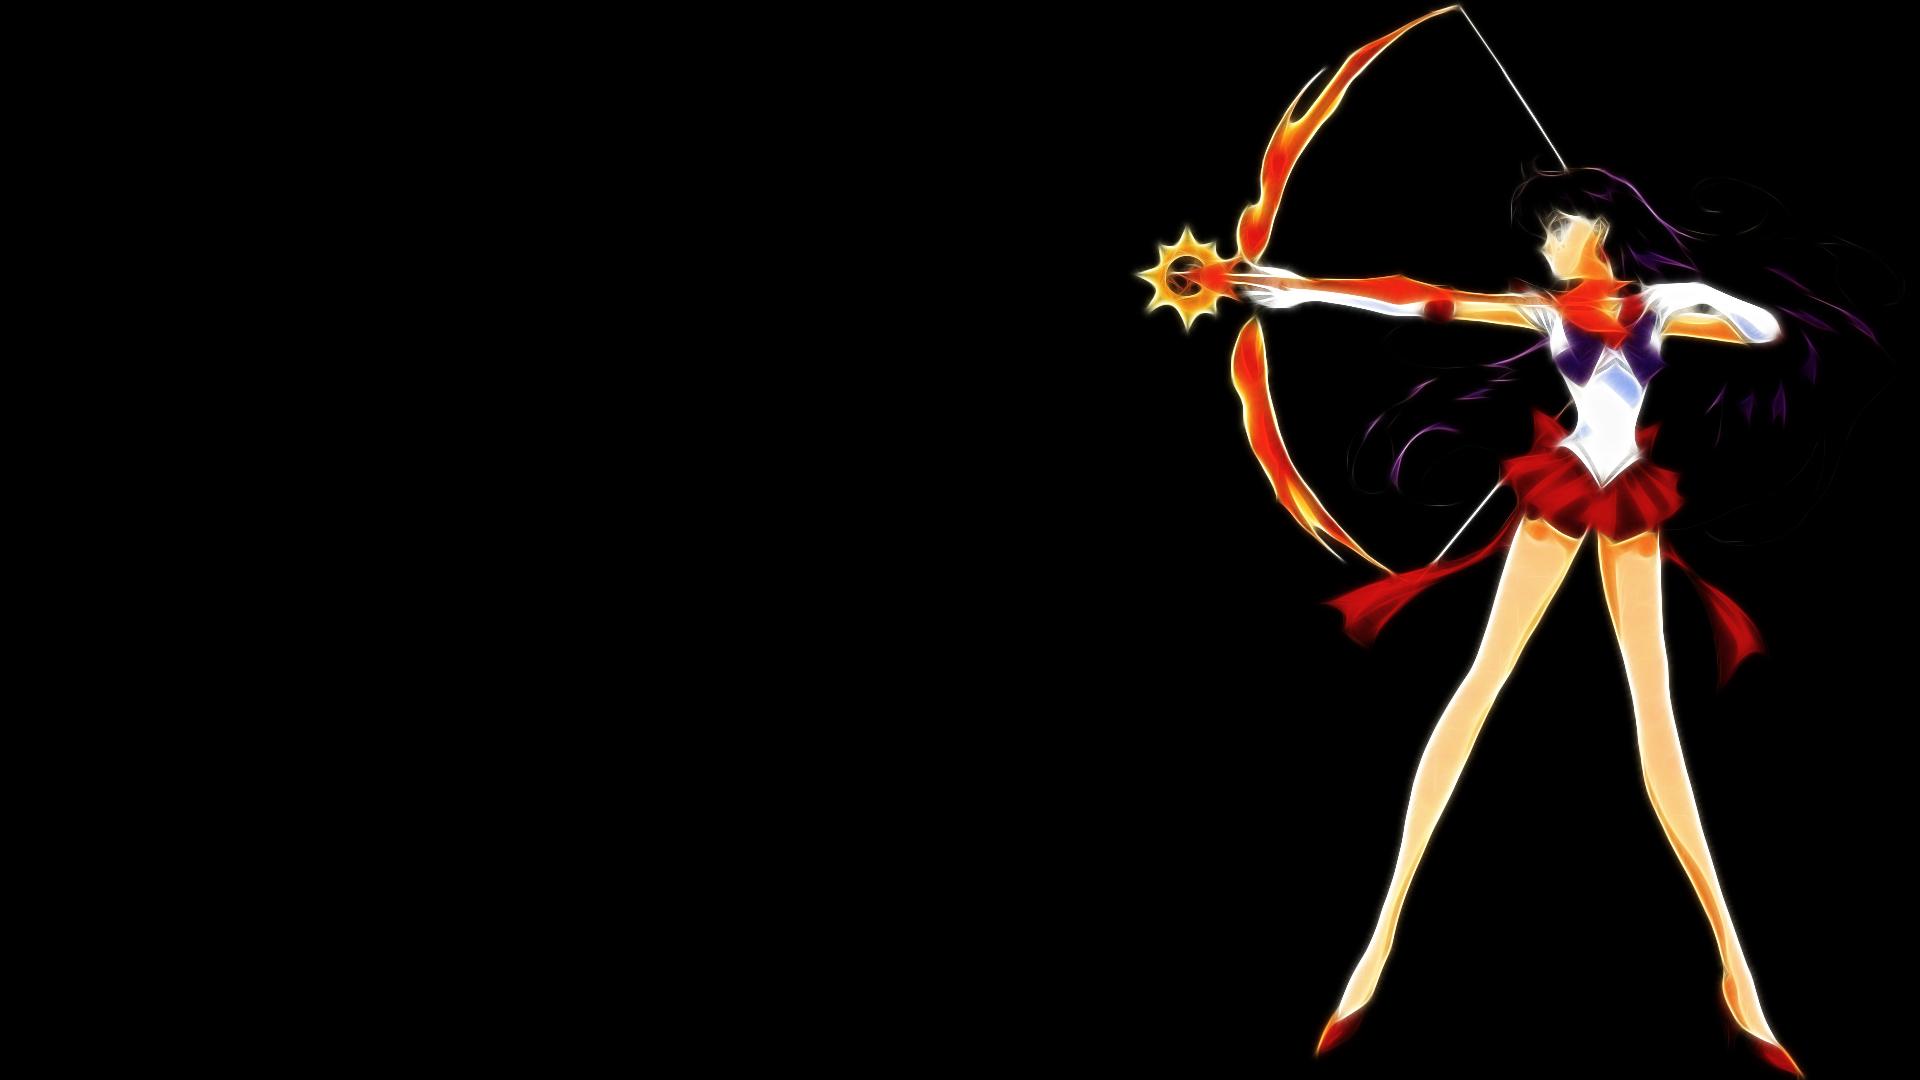 Sailor Moon HD Wallpaper 1920x1080